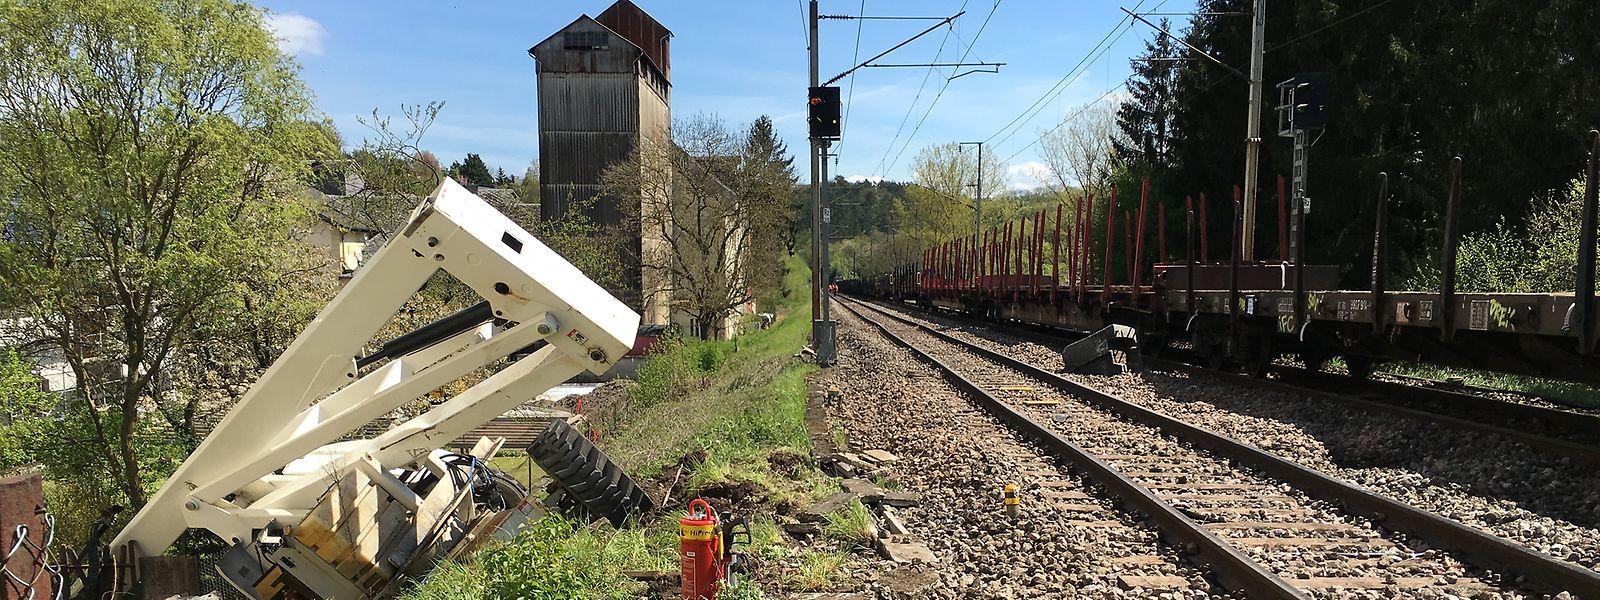 Les raisons de la présence de cet engin sur les rails demeurent floues